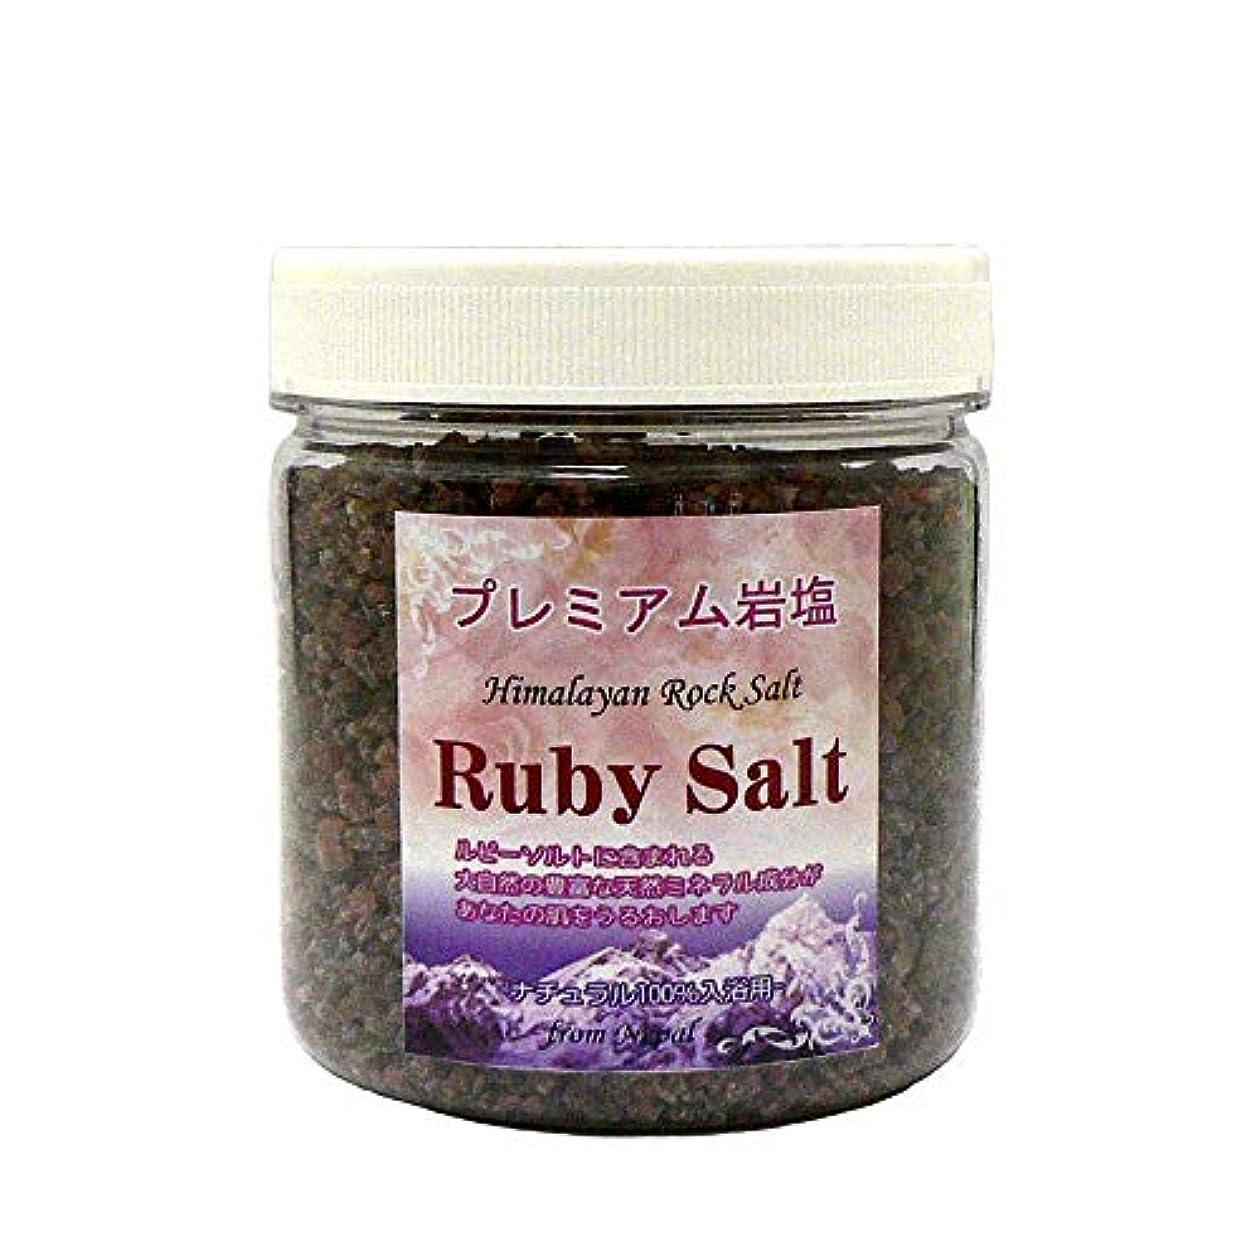 真似るハンディキャップ製作ヒマラヤ岩塩 プレミアム ルビーソルト バスソルト(Sサイズ塊り) ルビー岩塩 (600g×2個セット)